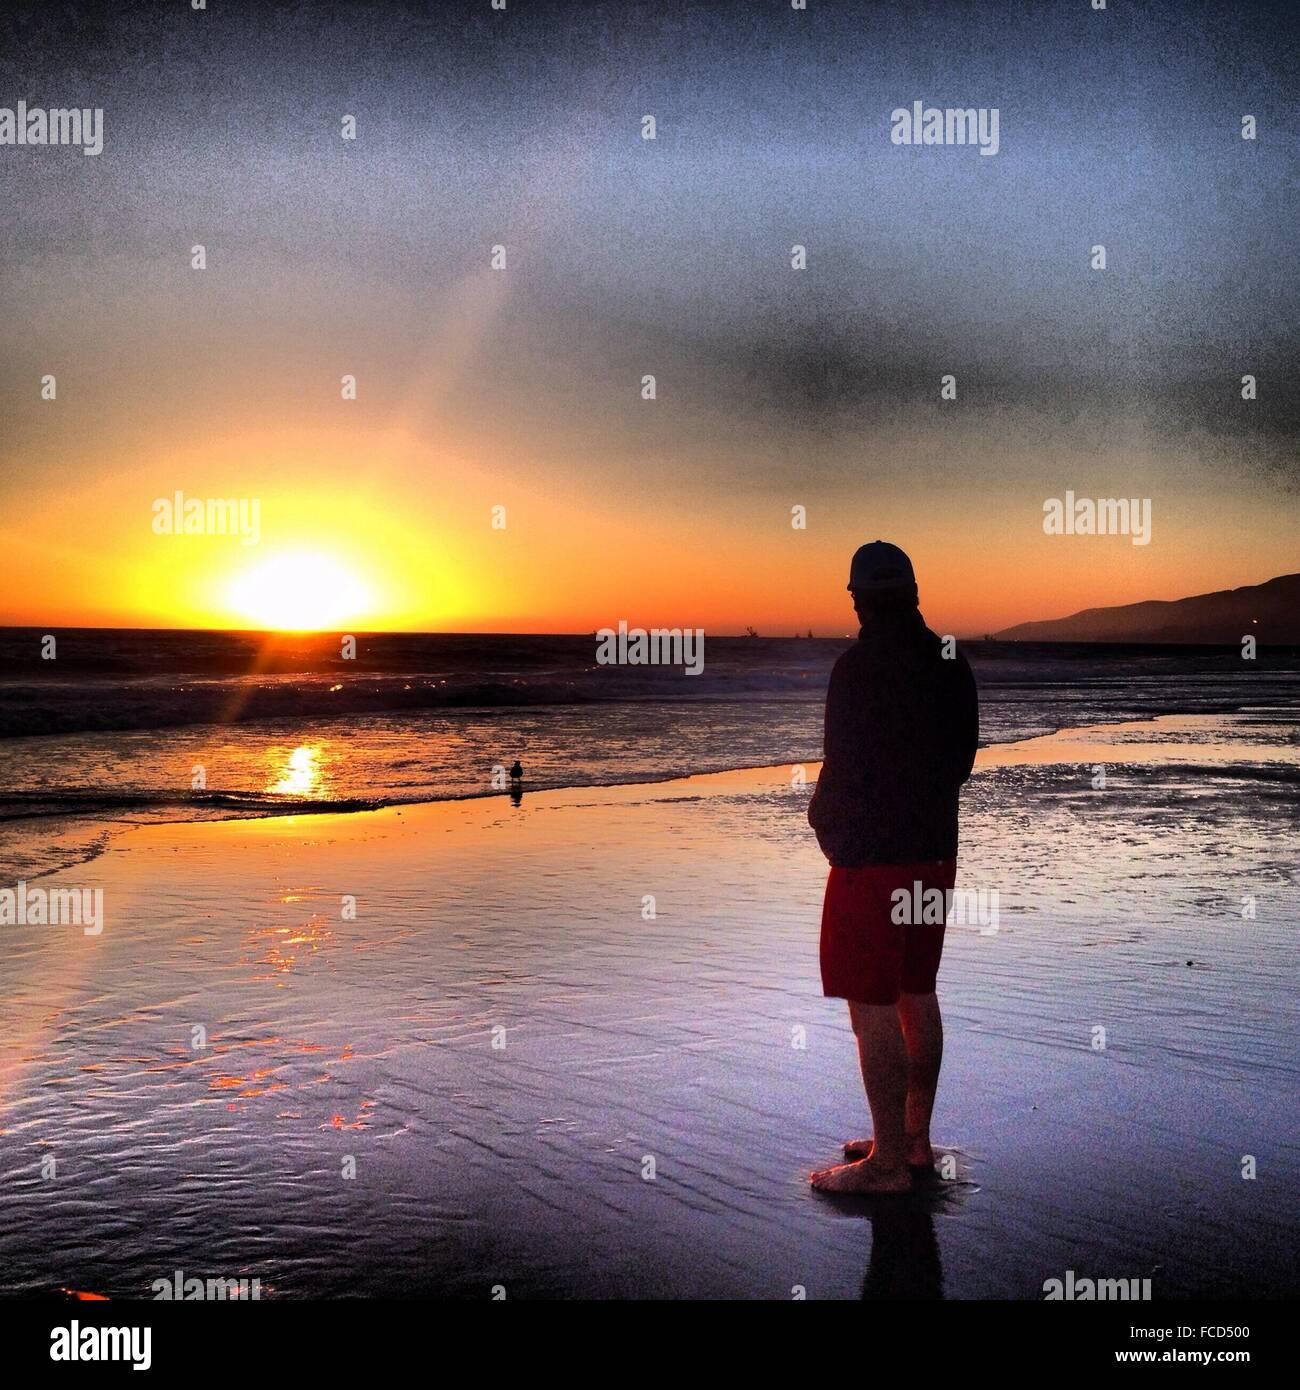 Lunghezza piena vista posteriore dell'uomo in piedi sulla spiaggia contro il cielo durante il tramonto Immagini Stock